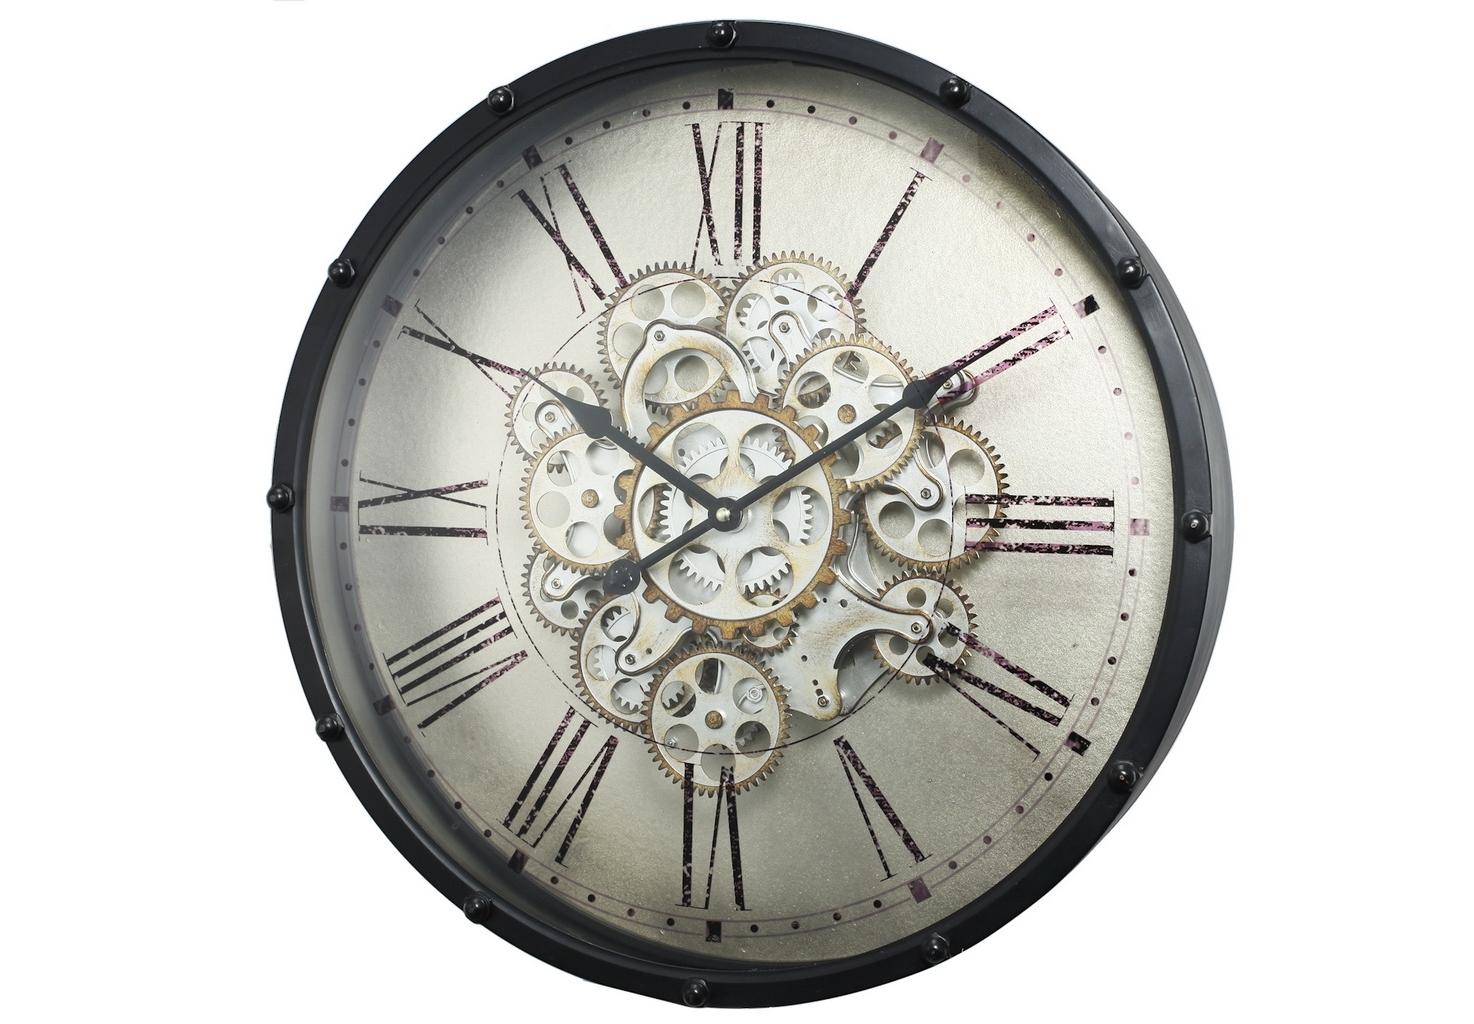 Часы настенныеНастенные часы<br>Часы настенные металлические, цвет черный матовый с серебристым. Система декоративных шестеренок рабочая, шестеренки вращаются, имитируя работу механических часов. Материал - металл, пластик. Источник питания - 3 батарейки типа АА 1,5В. Для часов и декоративной системы шестеренок используются отдельные блоки питания.&amp;amp;nbsp;&amp;lt;span style=&amp;quot;line-height: 24.9999px;&amp;quot;&amp;gt;Вес 4,5 кг.&amp;amp;nbsp;&amp;lt;/span&amp;gt;&amp;lt;span style=&amp;quot;line-height: 24.9999px;&amp;quot;&amp;gt;Кварцевый механизм.&amp;lt;/span&amp;gt;<br><br>Material: Металл<br>Depth см: 11,5<br>Height см: None<br>Diameter см: 46